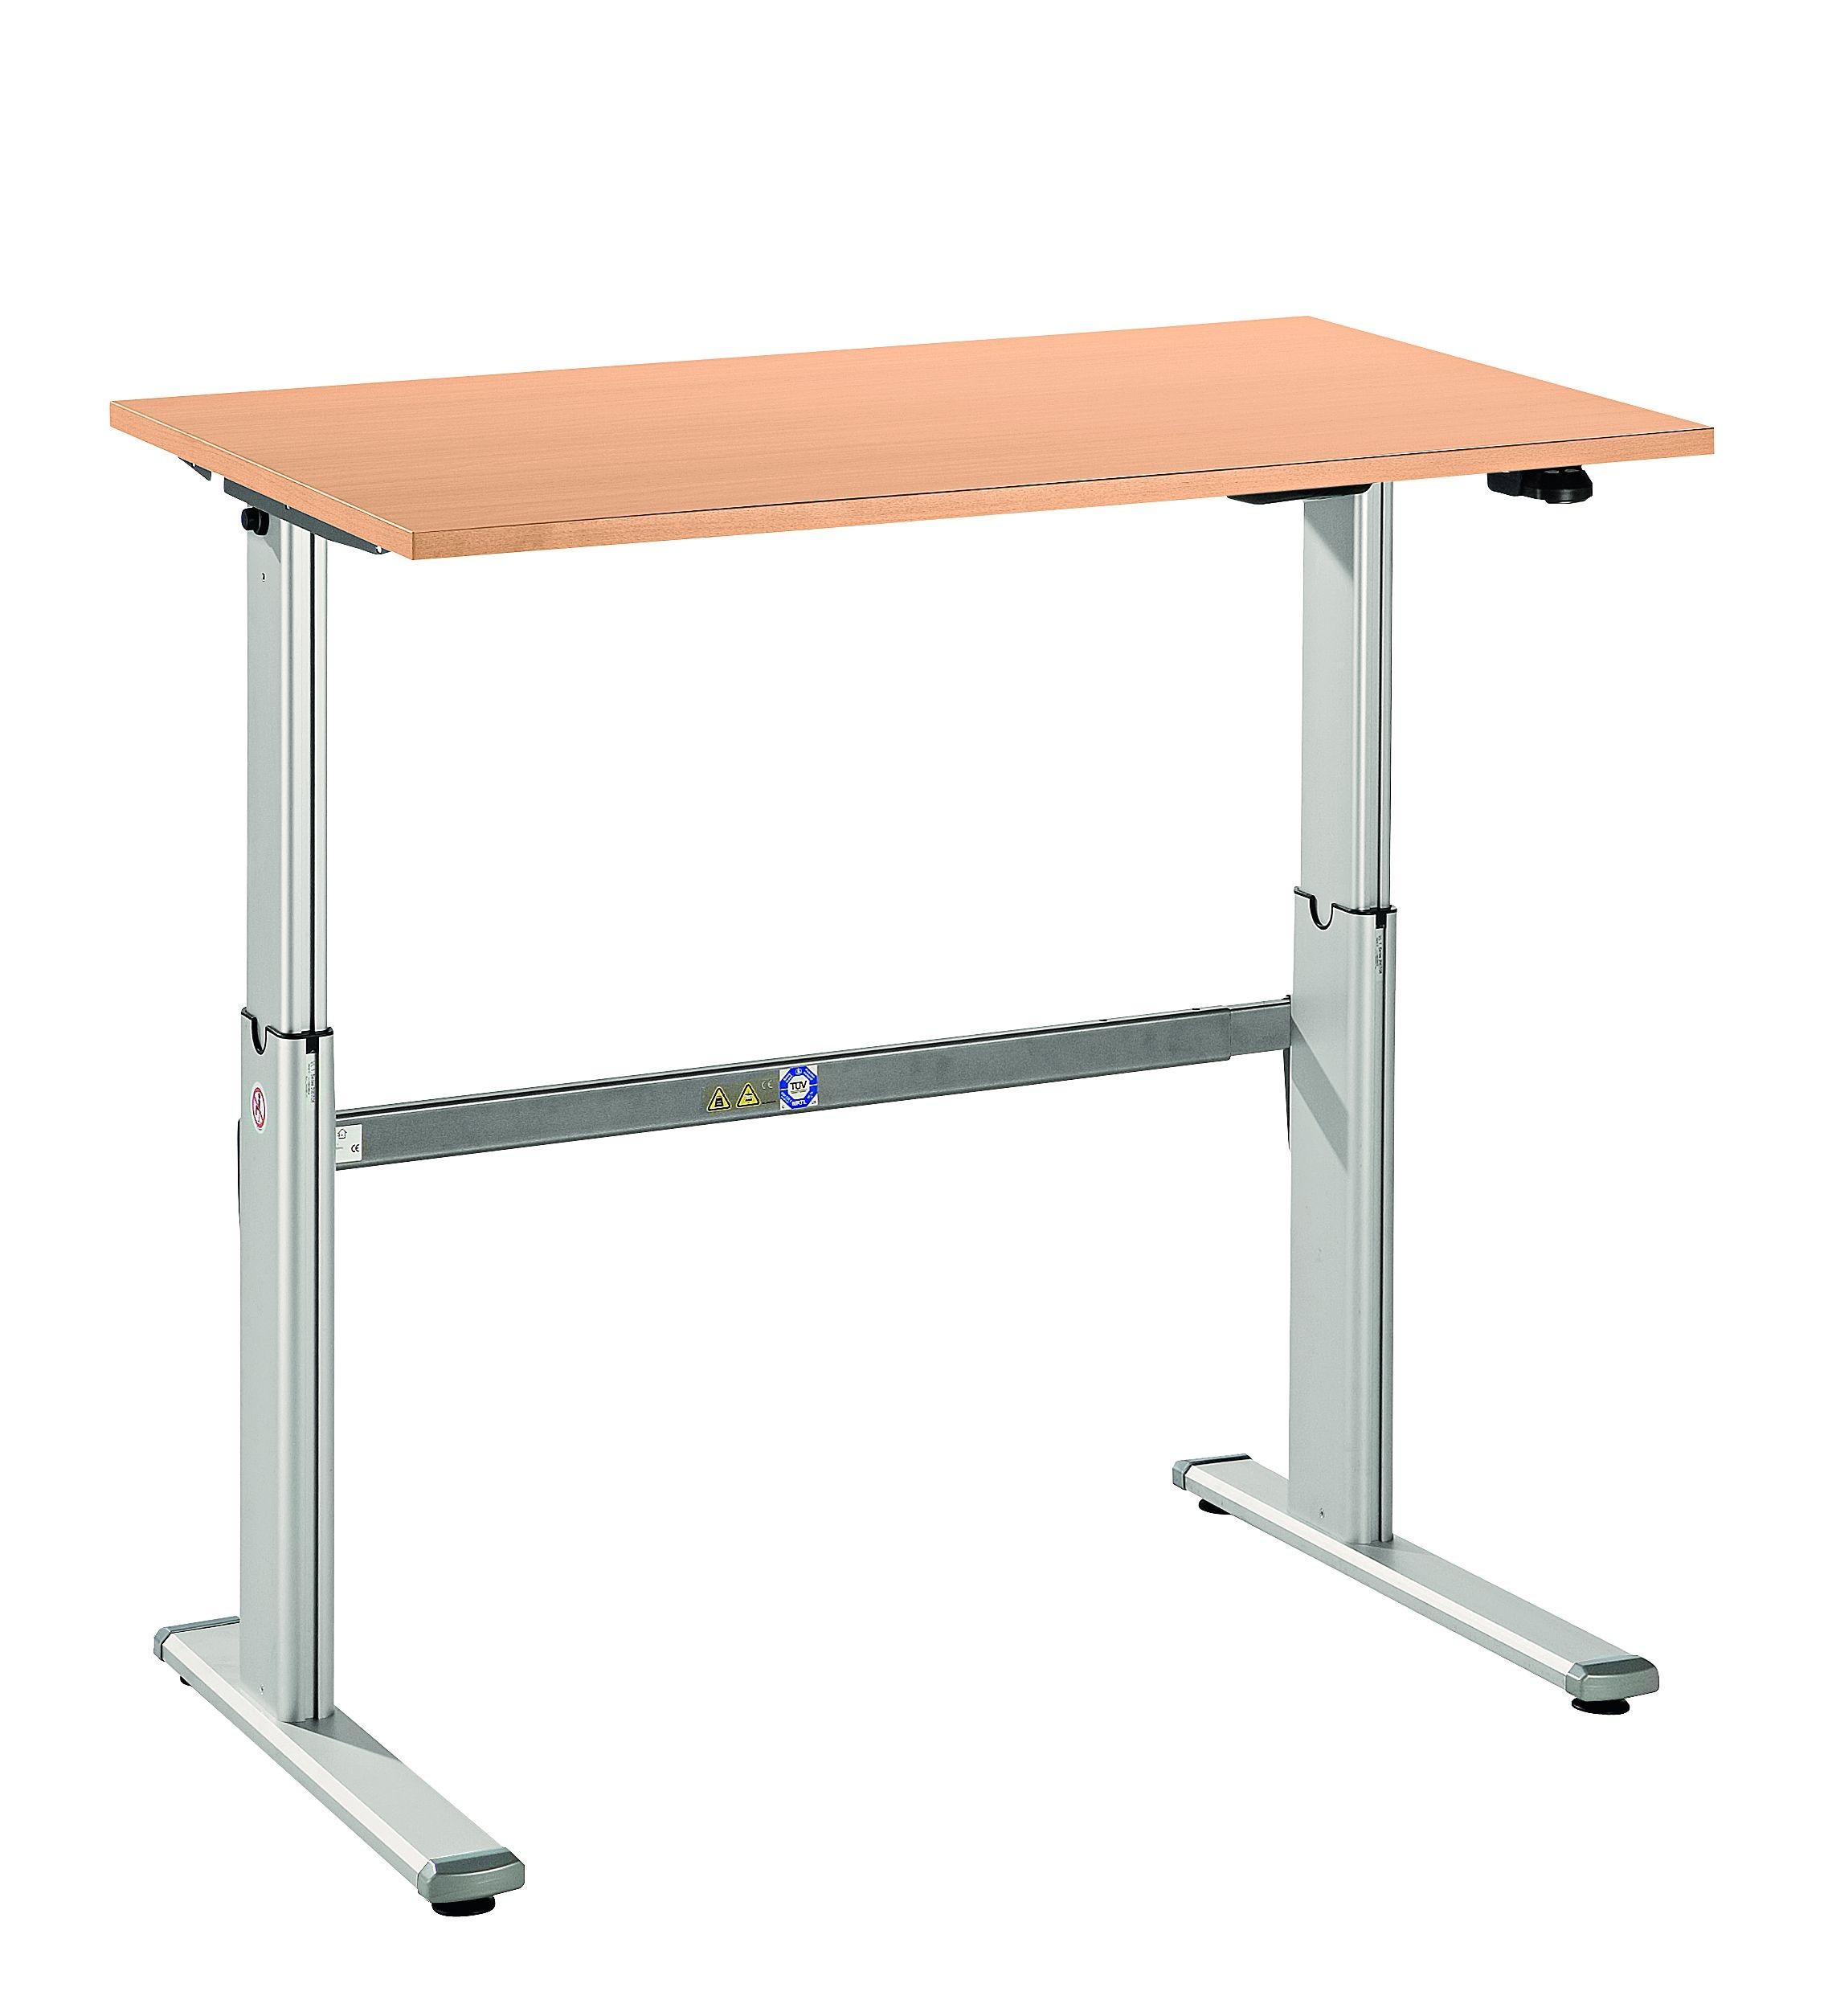 Schreibtisch Büro Höhenverstellbar ~ Hammerbacher XM 120 Schreibtisch 120 x 80 elektrisch höhenverstellbar